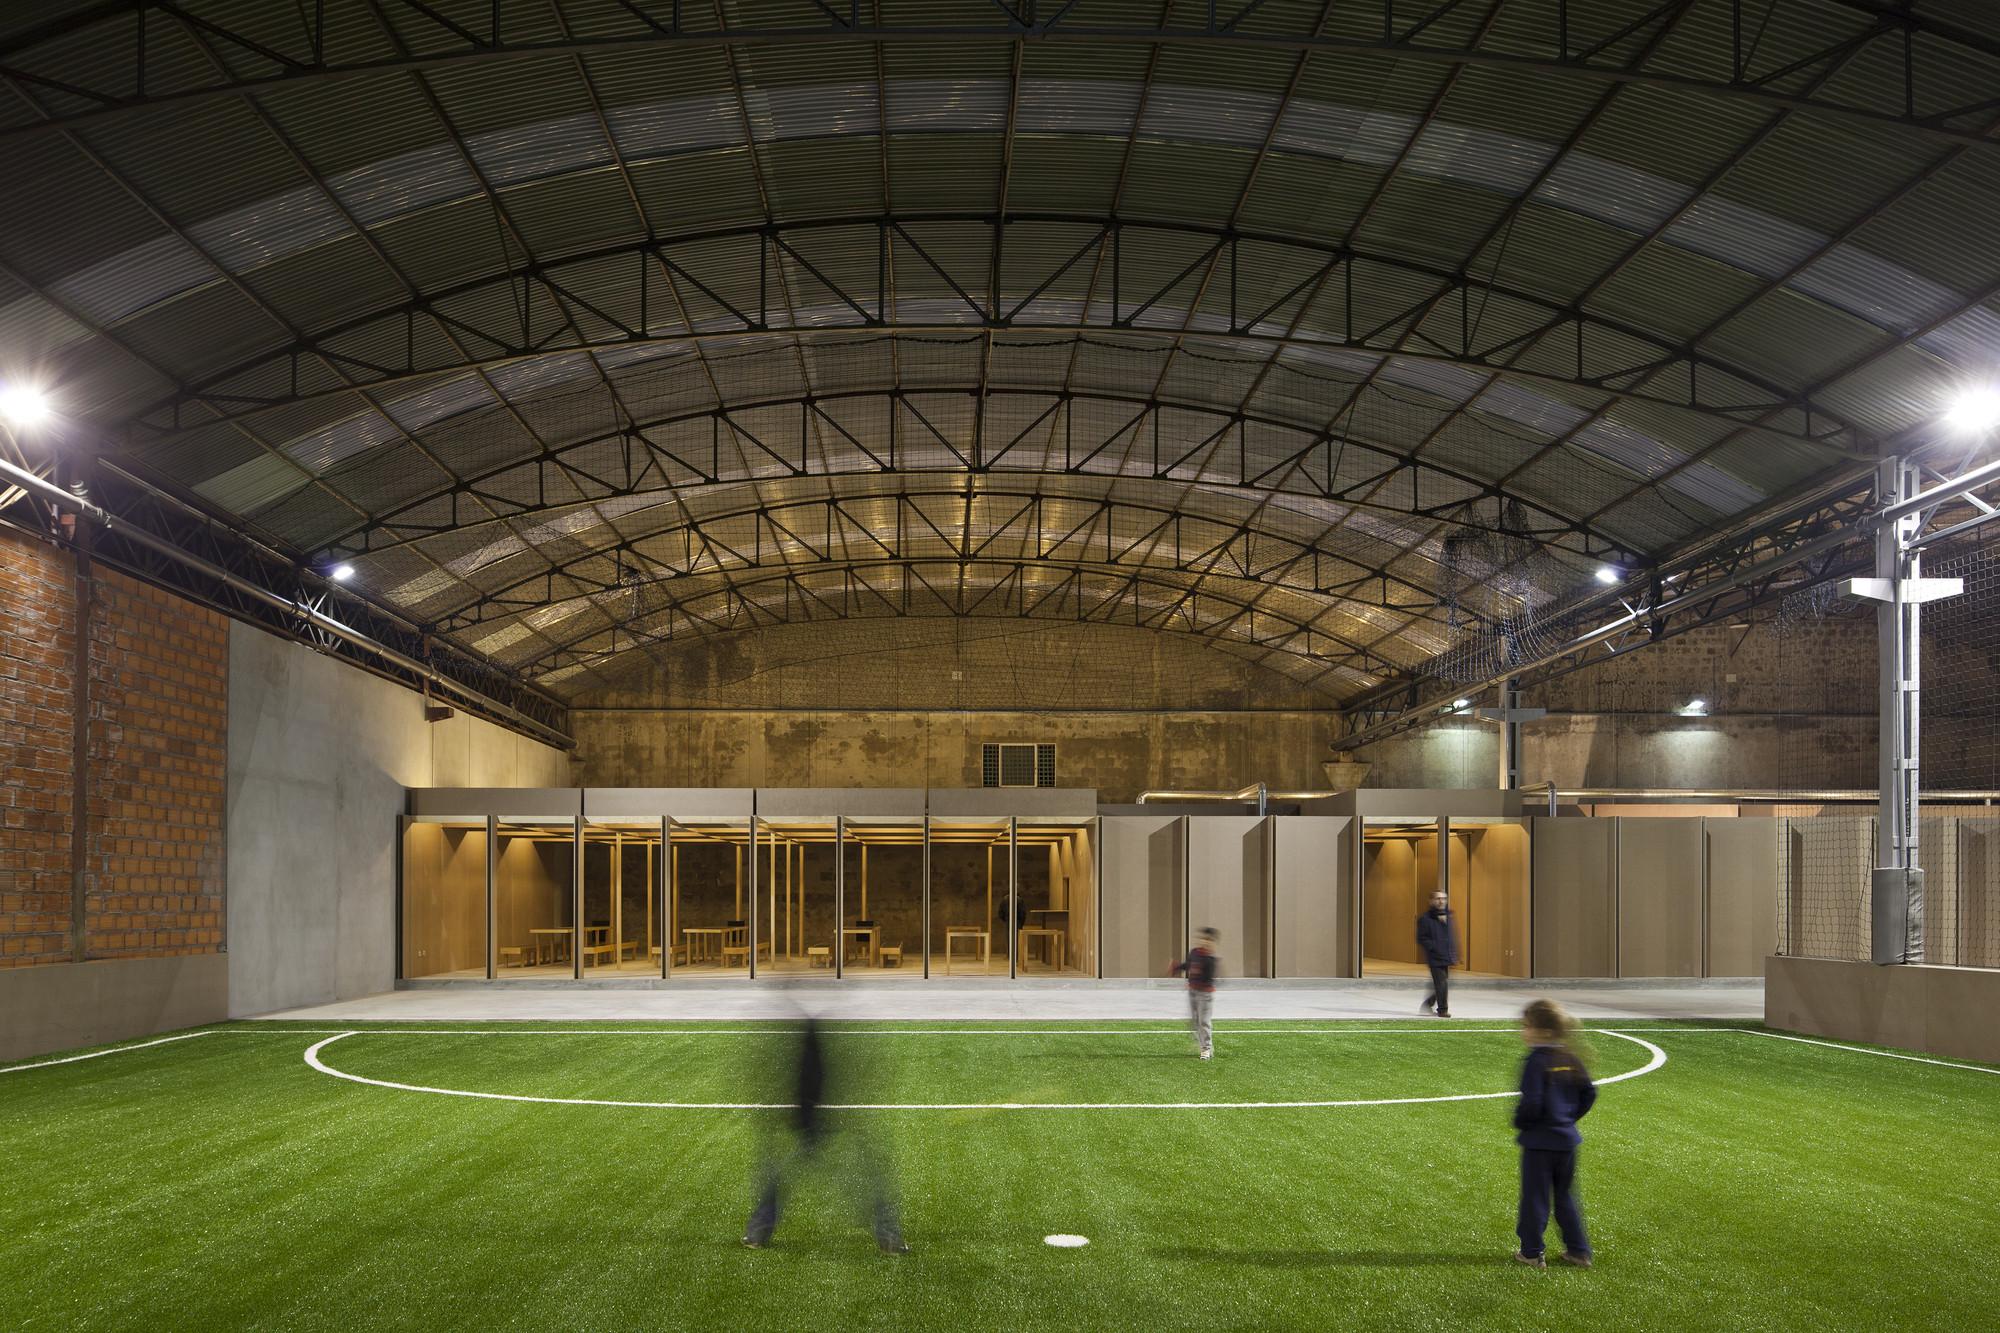 N10-Eiras Sports Facility / Comoco, © FG+SG - Fernando Guerra, Sergio Guerra